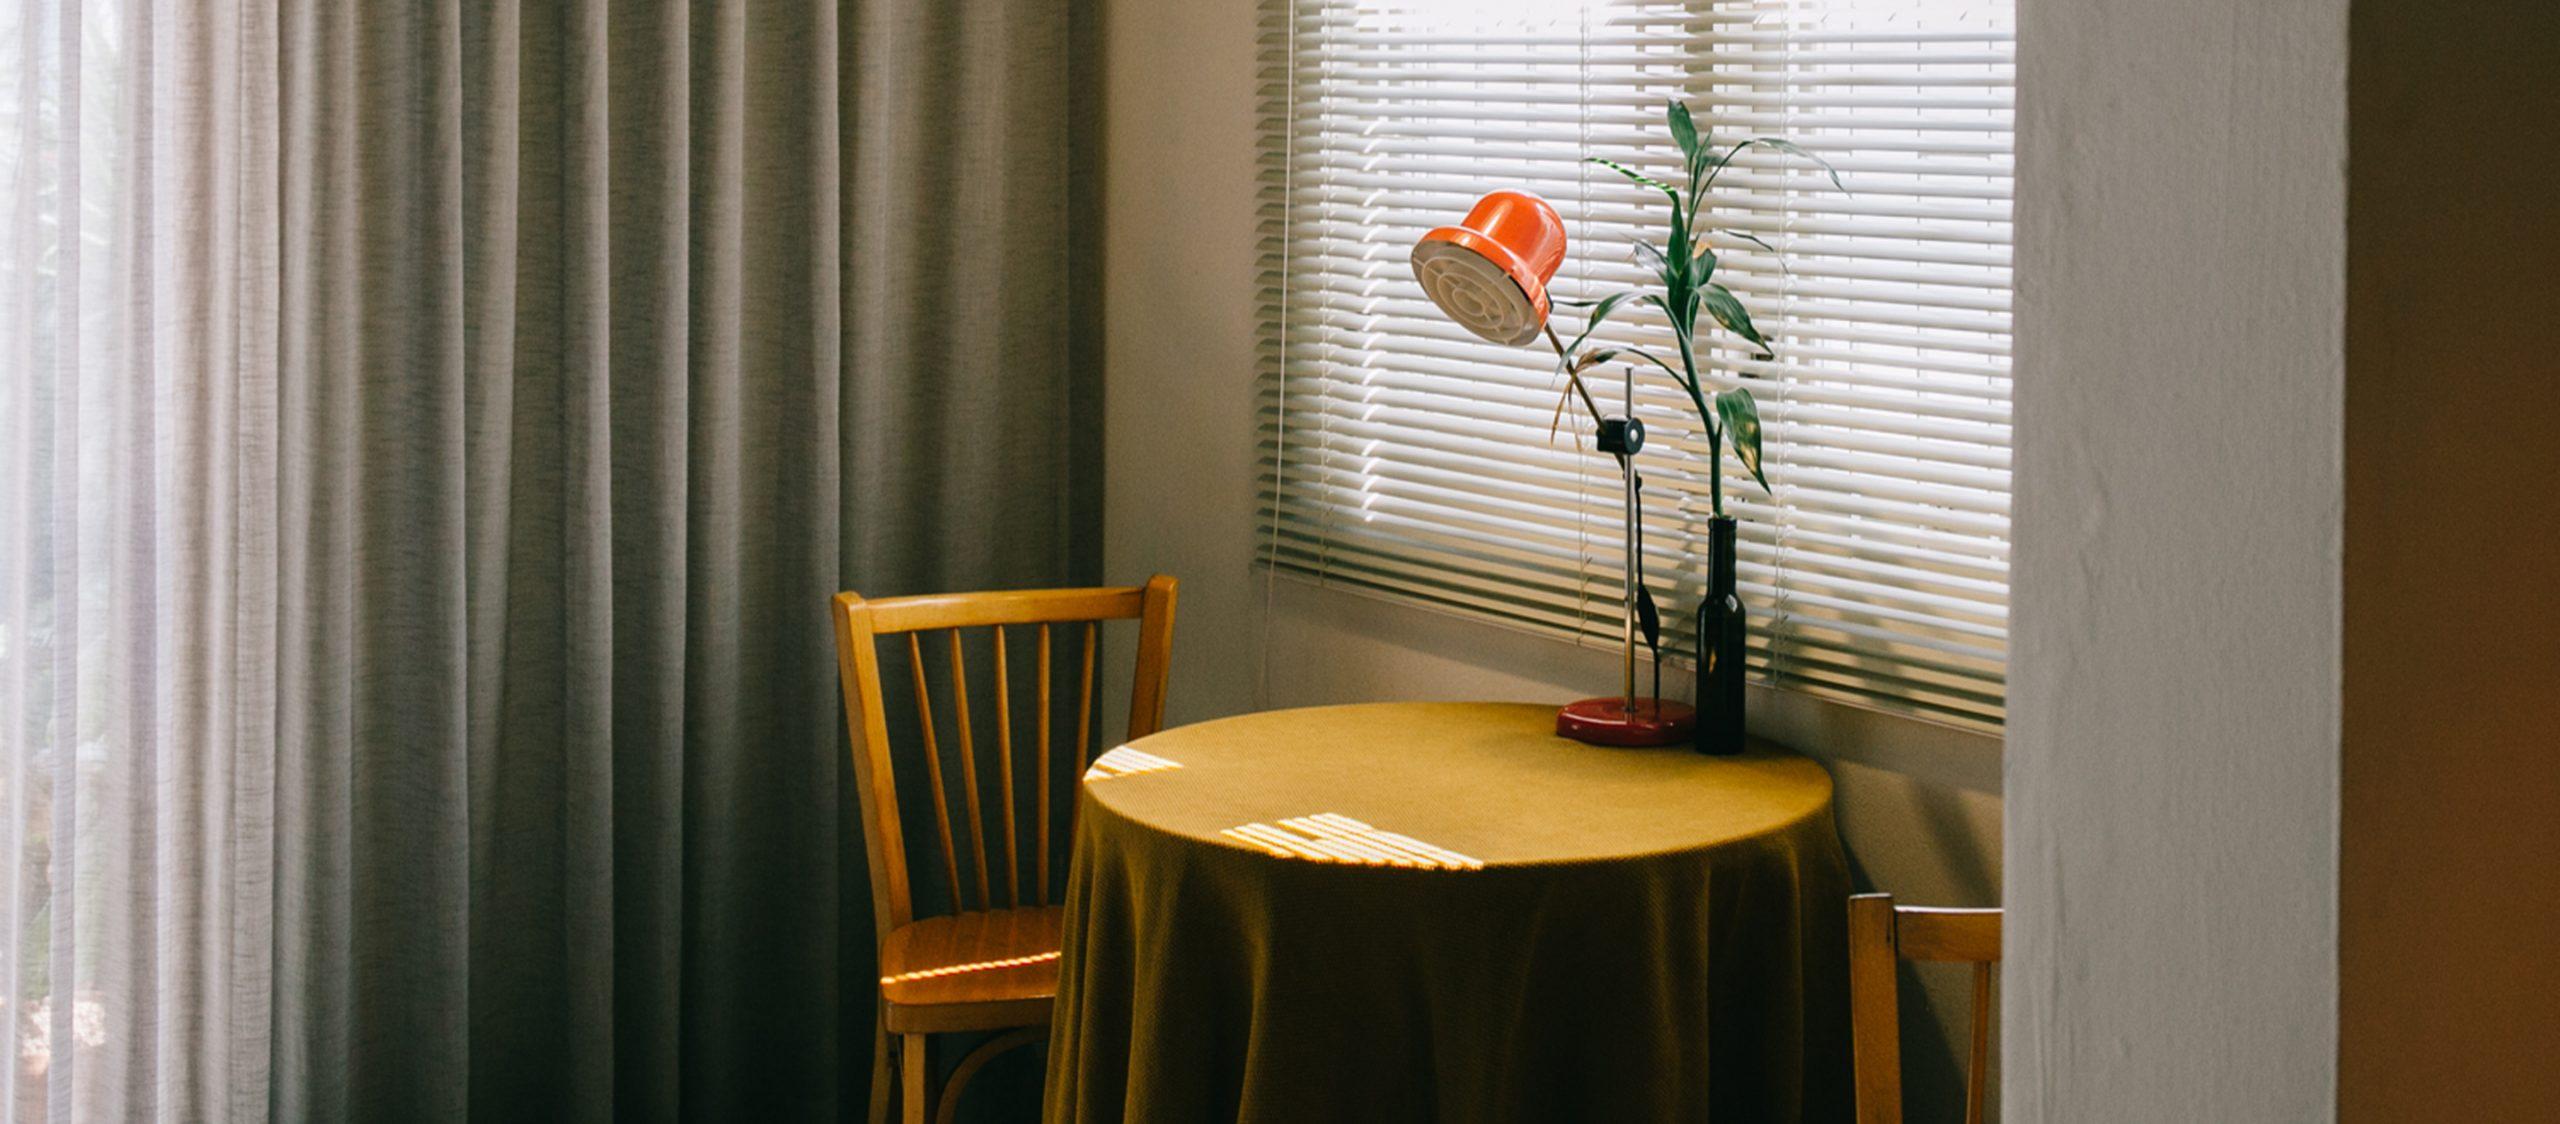 จิบครีมโซดารสละมุนที่ 'House of Nowhere' โฮมคาเฟ่ที่ใส่ใจลูกค้าจริงจังพอๆ กับการคิดเมนูอร่อย